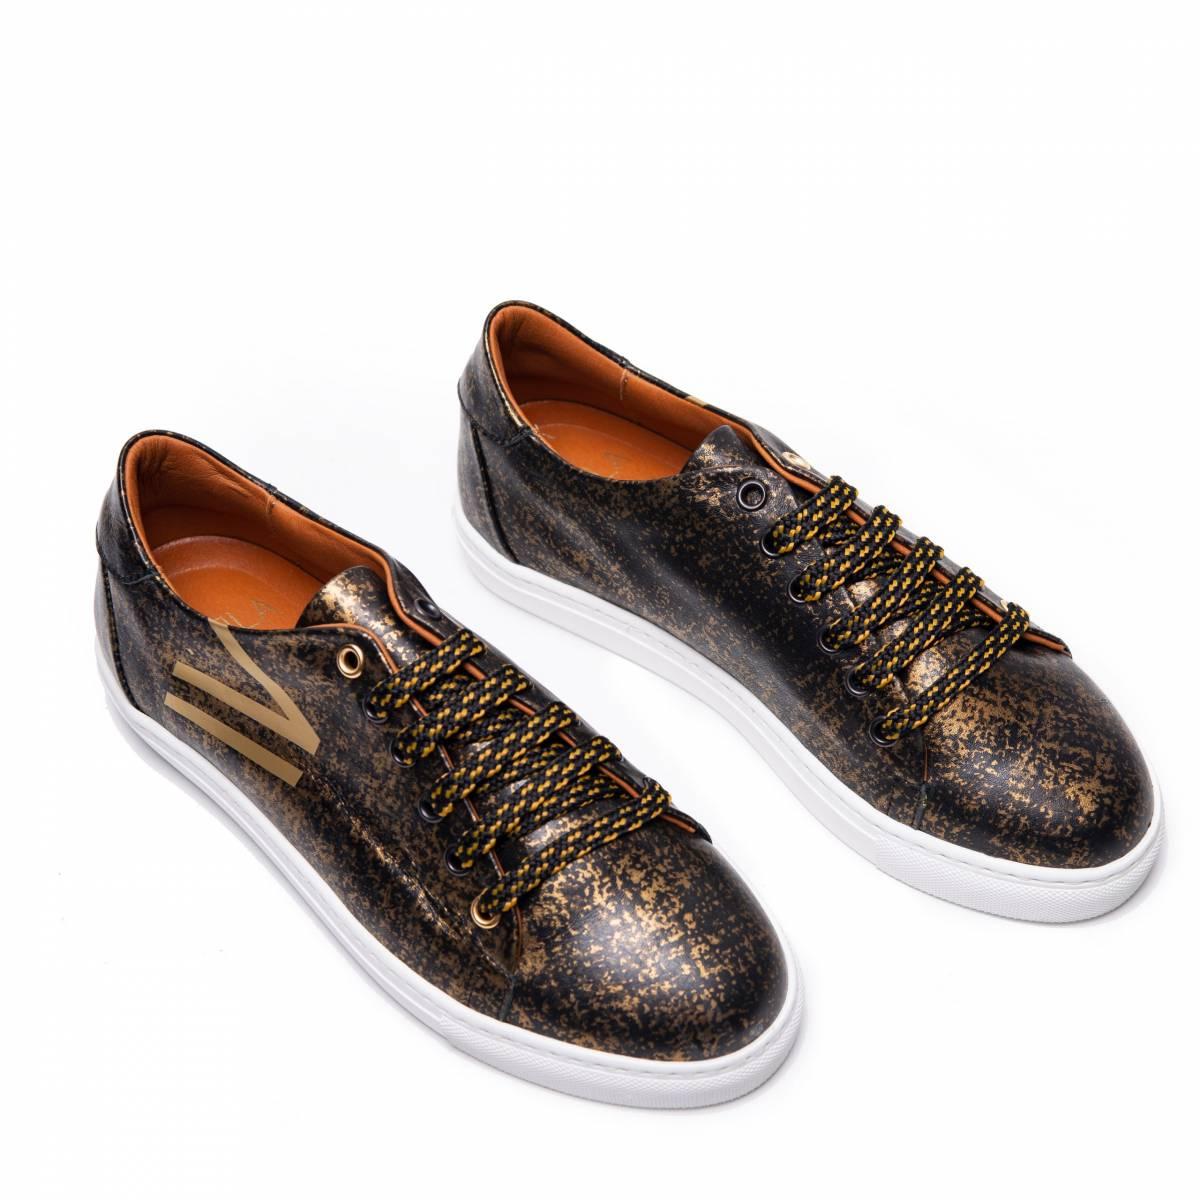 Doble-b-sneaker-negro-oro-lr.jpg